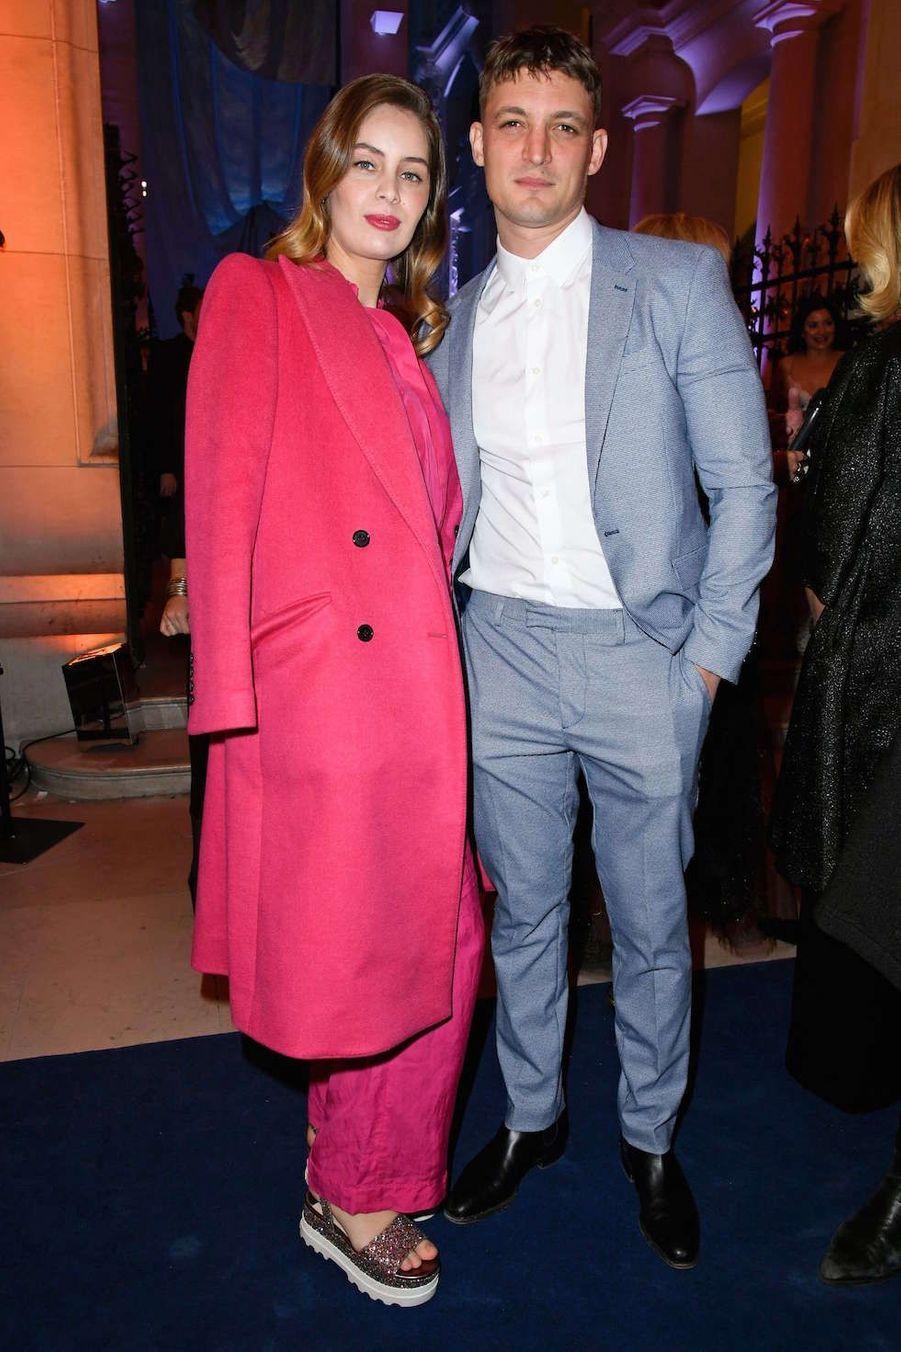 Marie-Ange Casta et Niels Schneider au vernissage de l'exposition Harper's Bazaar au Musée des Arts décoratifs, à Paris, le 26 février 2020.